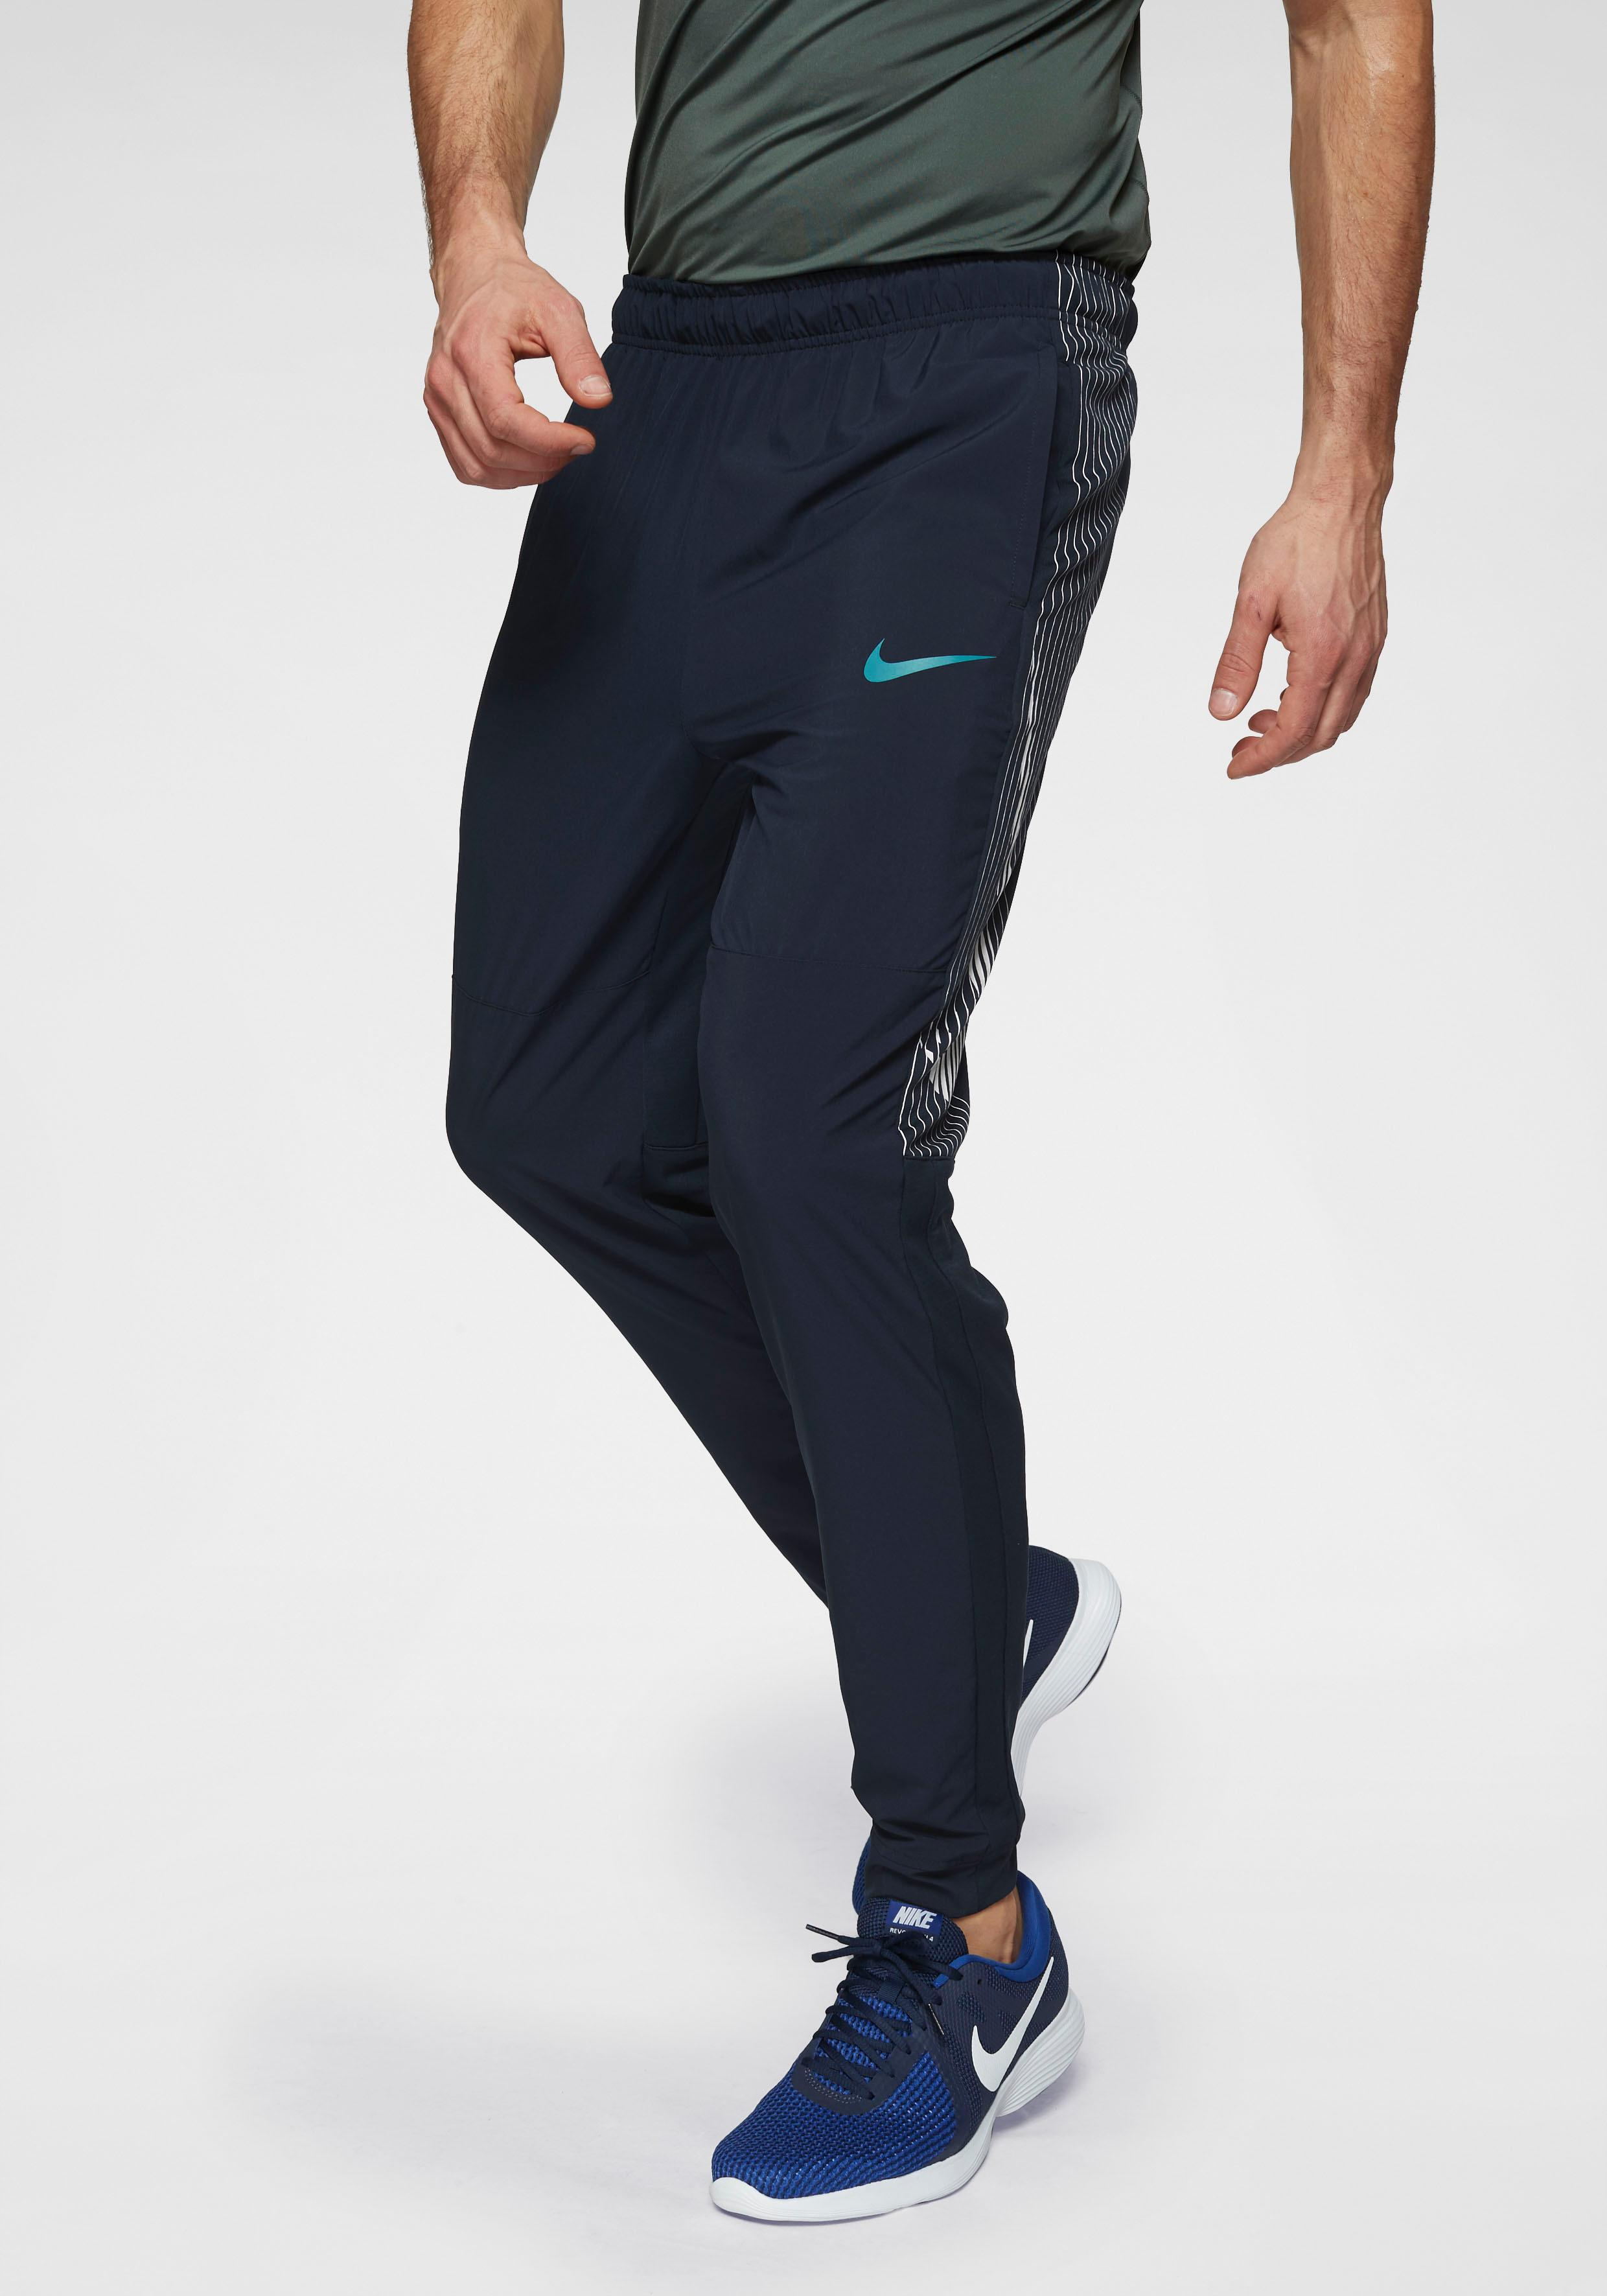 1802feb9830e57 Nike Trainingshose MEN NIKE DRI-FIT PANTS